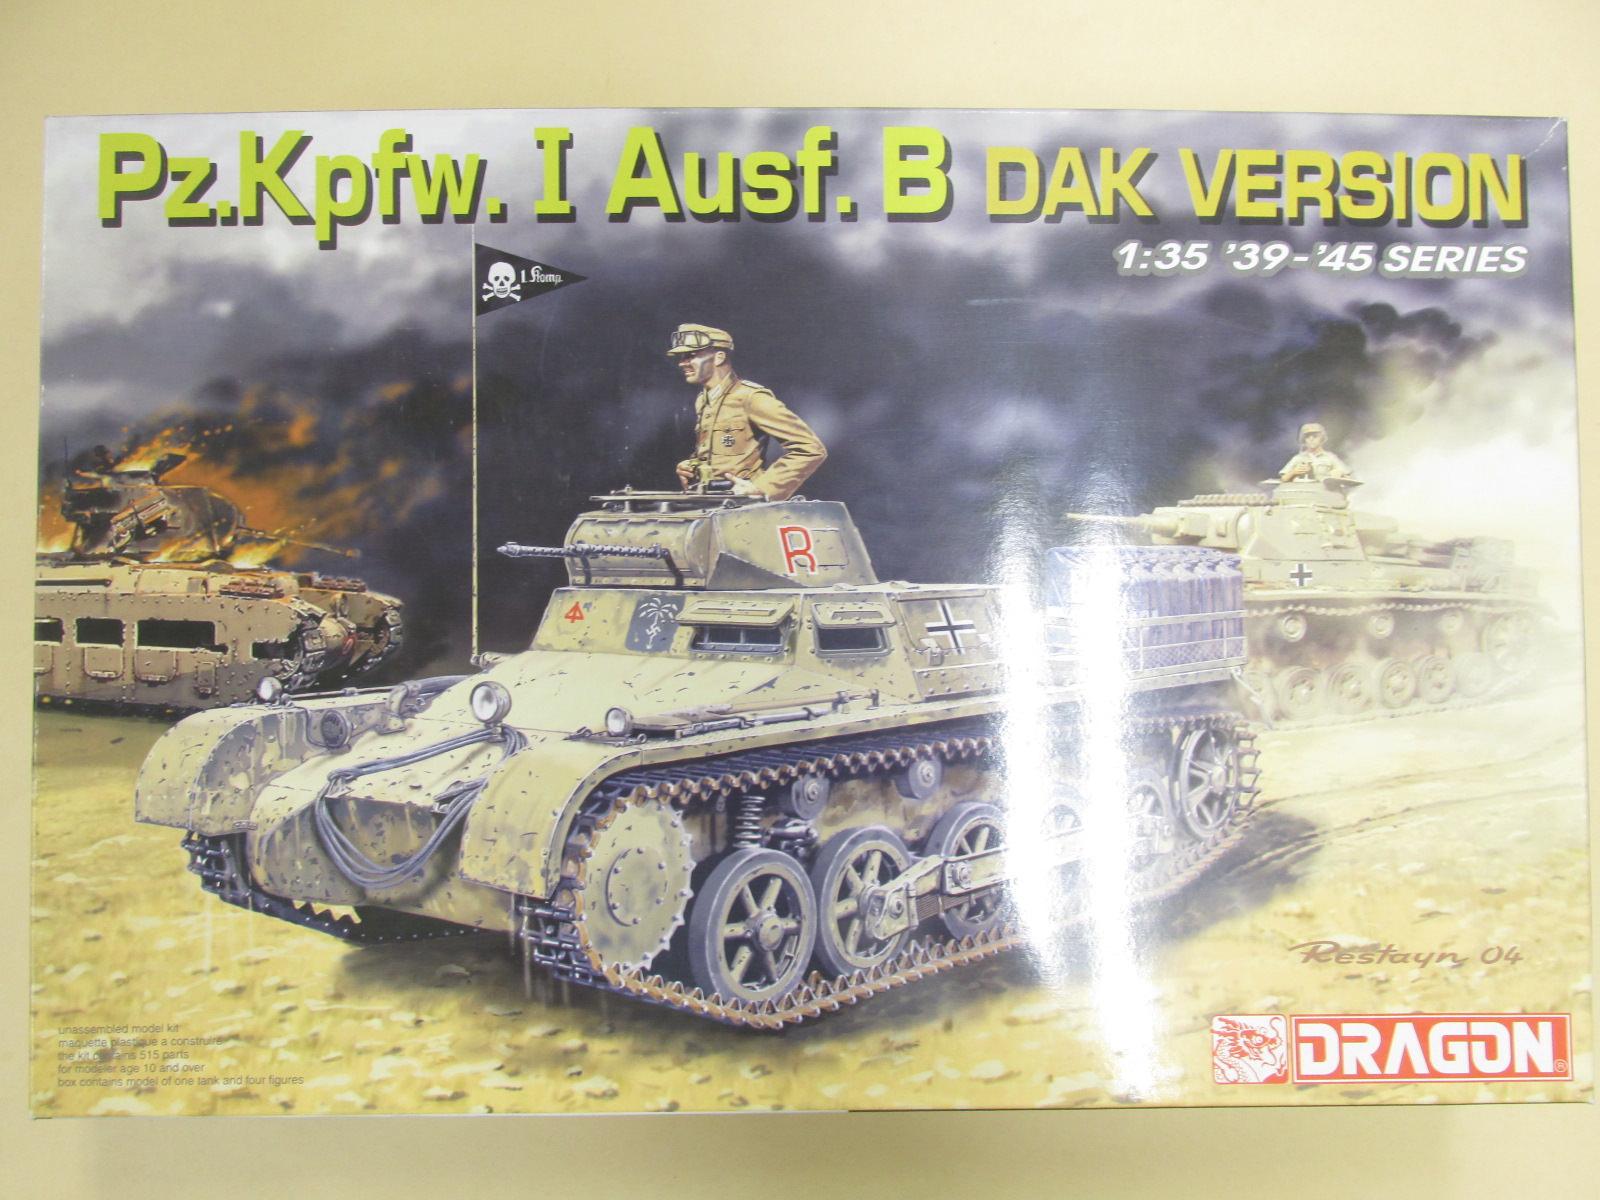 ドラゴン 1/35 ドイツ軍1号戦車B型 DAKバージョン